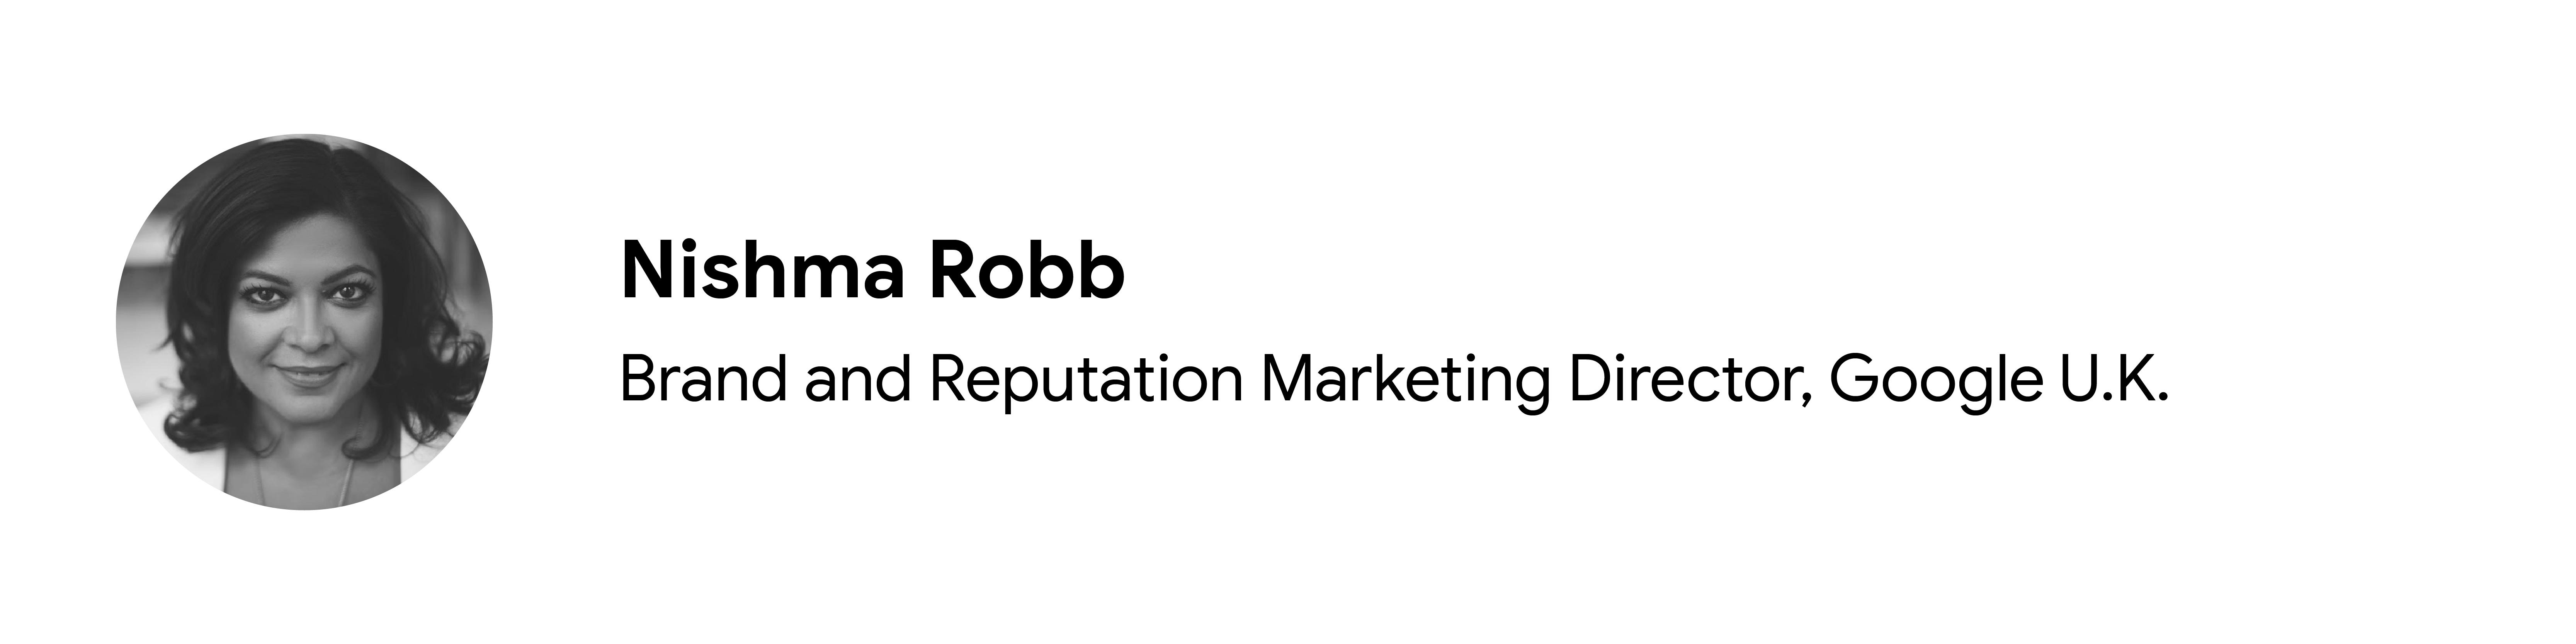 Google UK Marka ve İtibar Pazarlama Direktörü, katkıda bulunan Nishma Robb'un siyah beyaz vesikalık fotoğrafı